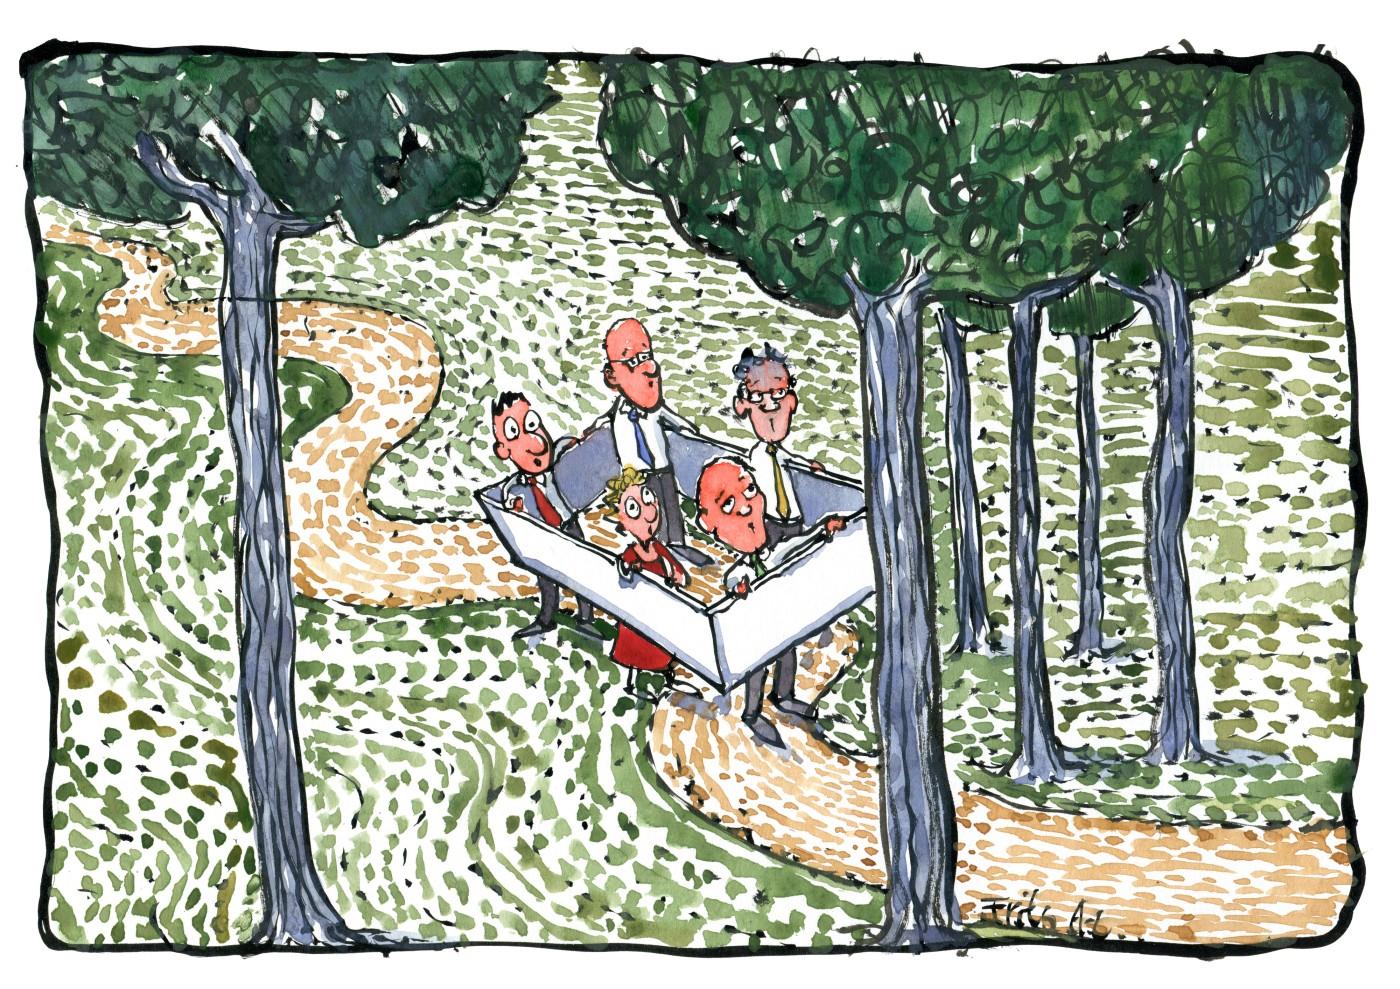 Illustration af en gruppe der går indeni en boks ude på en sti. Tegning af Frits Ahlefeldt